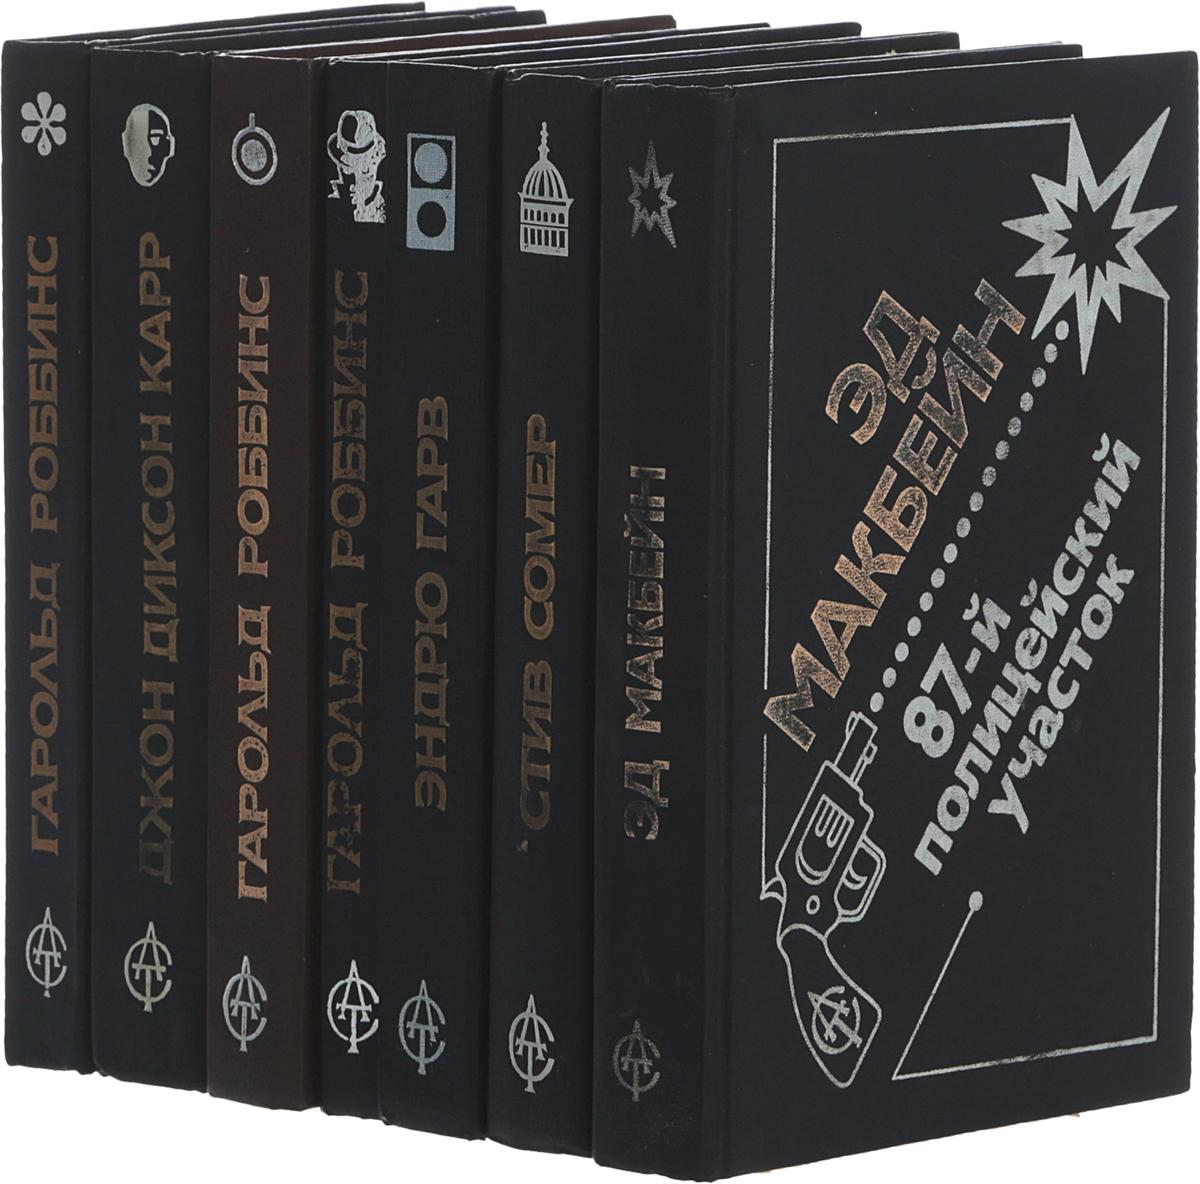 Зарубежные детективы от издательства АСТ (комплект из 7 книг)